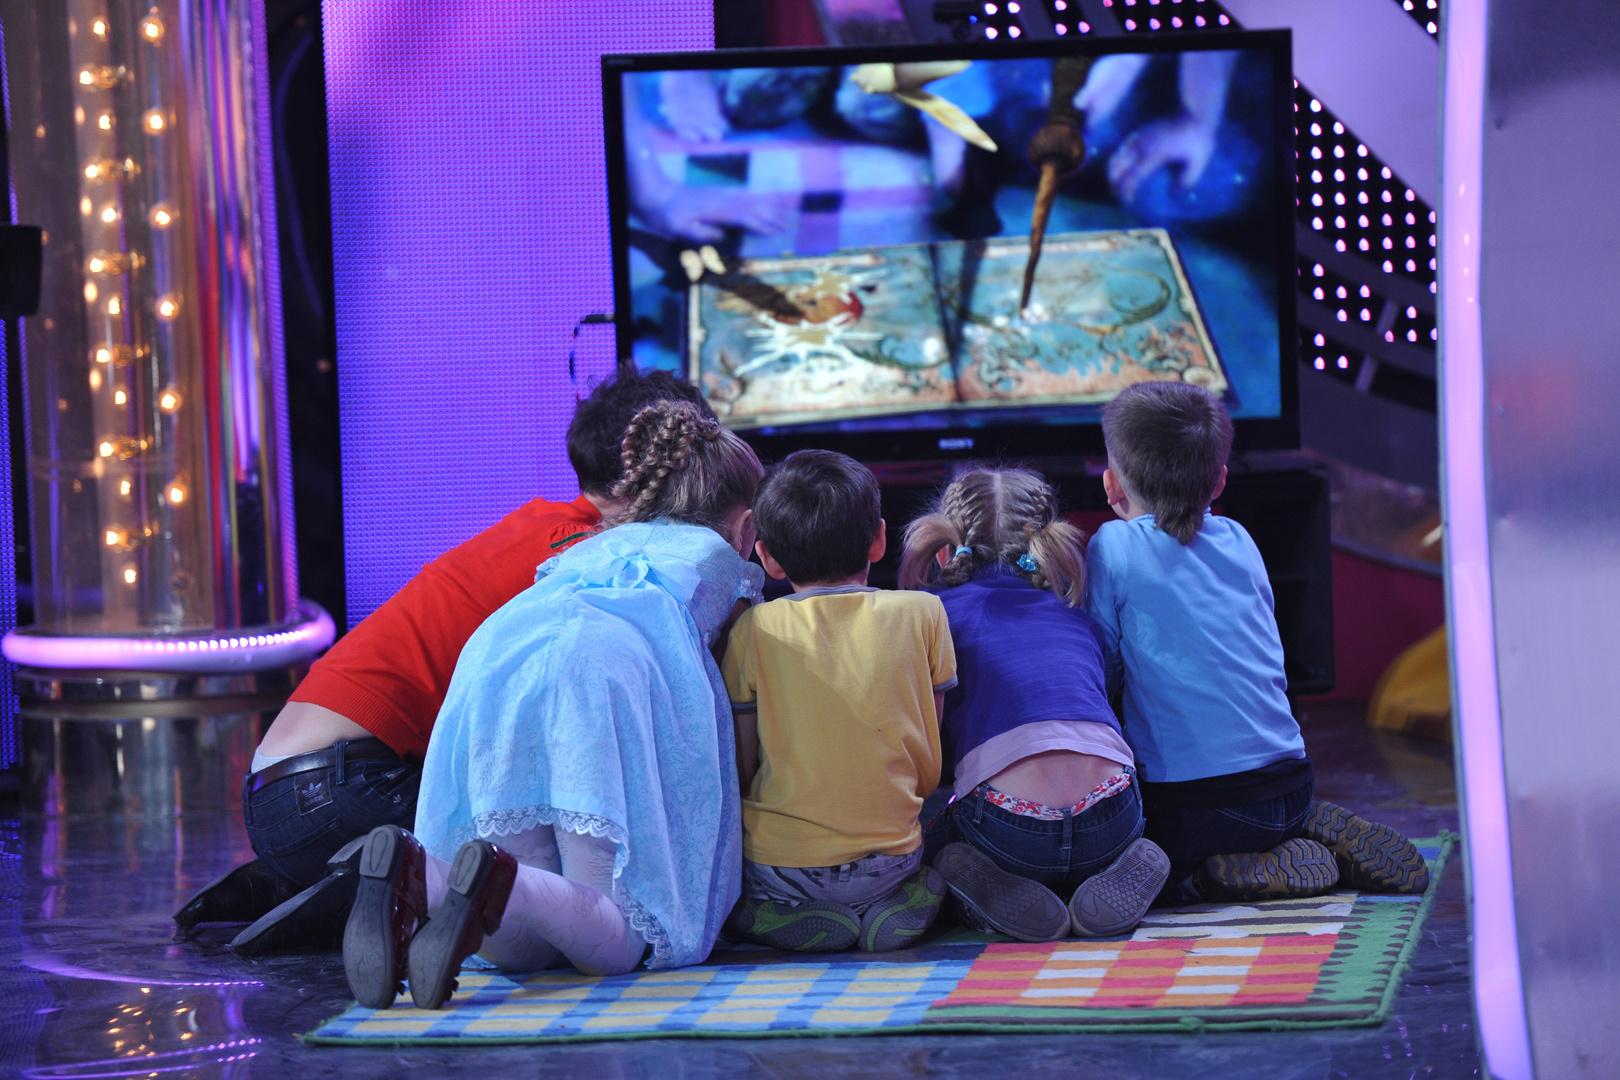 Республика нуждается в качественном телевизионном продукте для детей